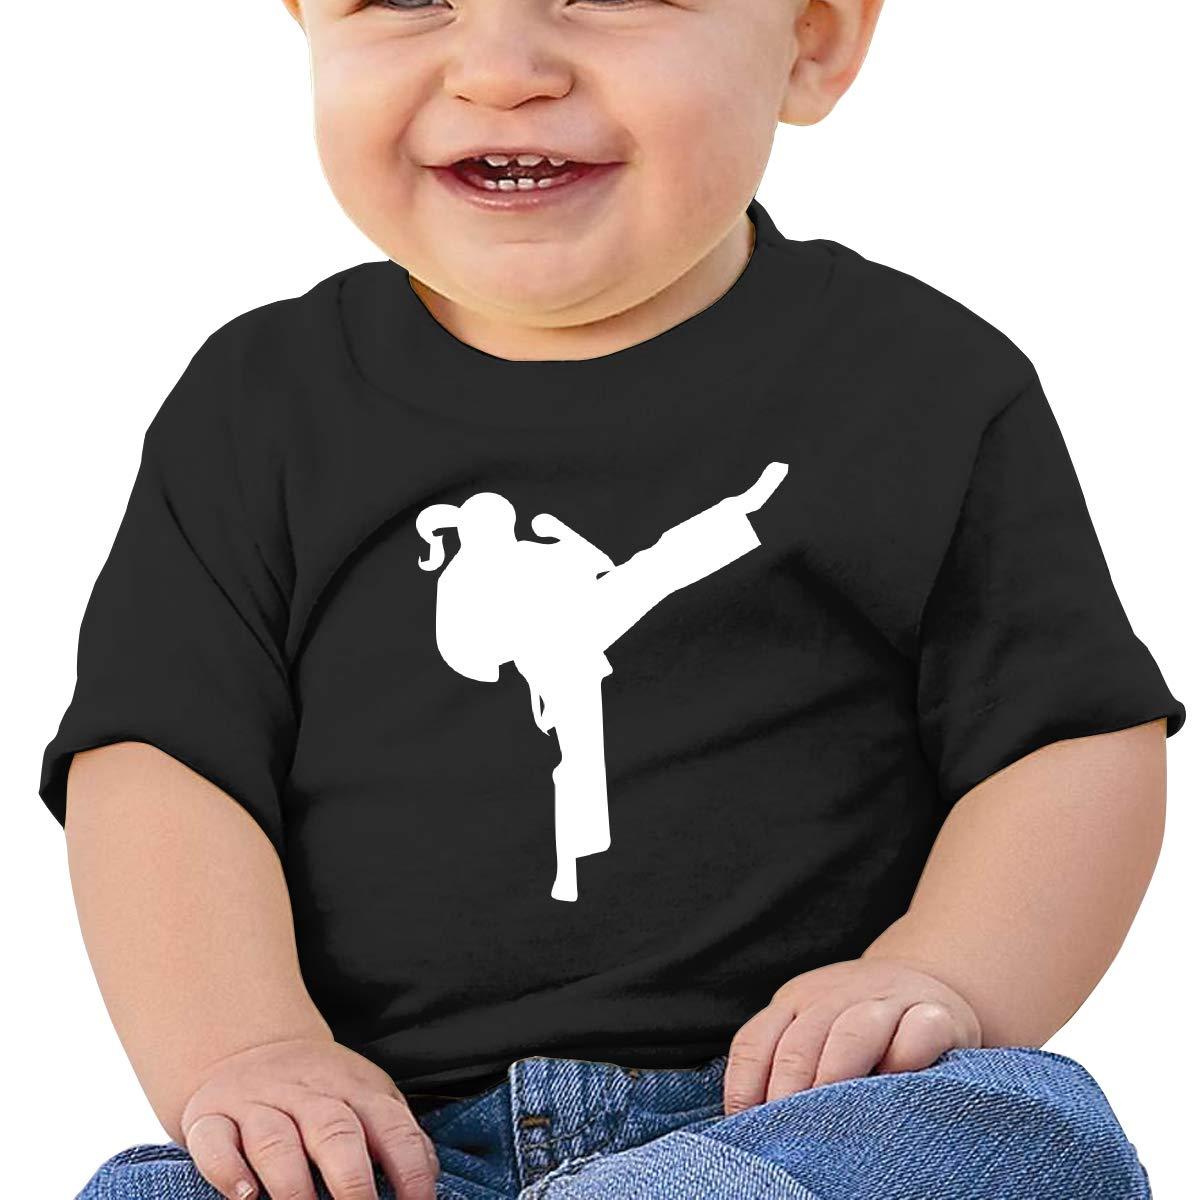 Karate Girl Baby Boy Newborn Short Sleeve Tee Shirt 6-24 Month Soft Tops